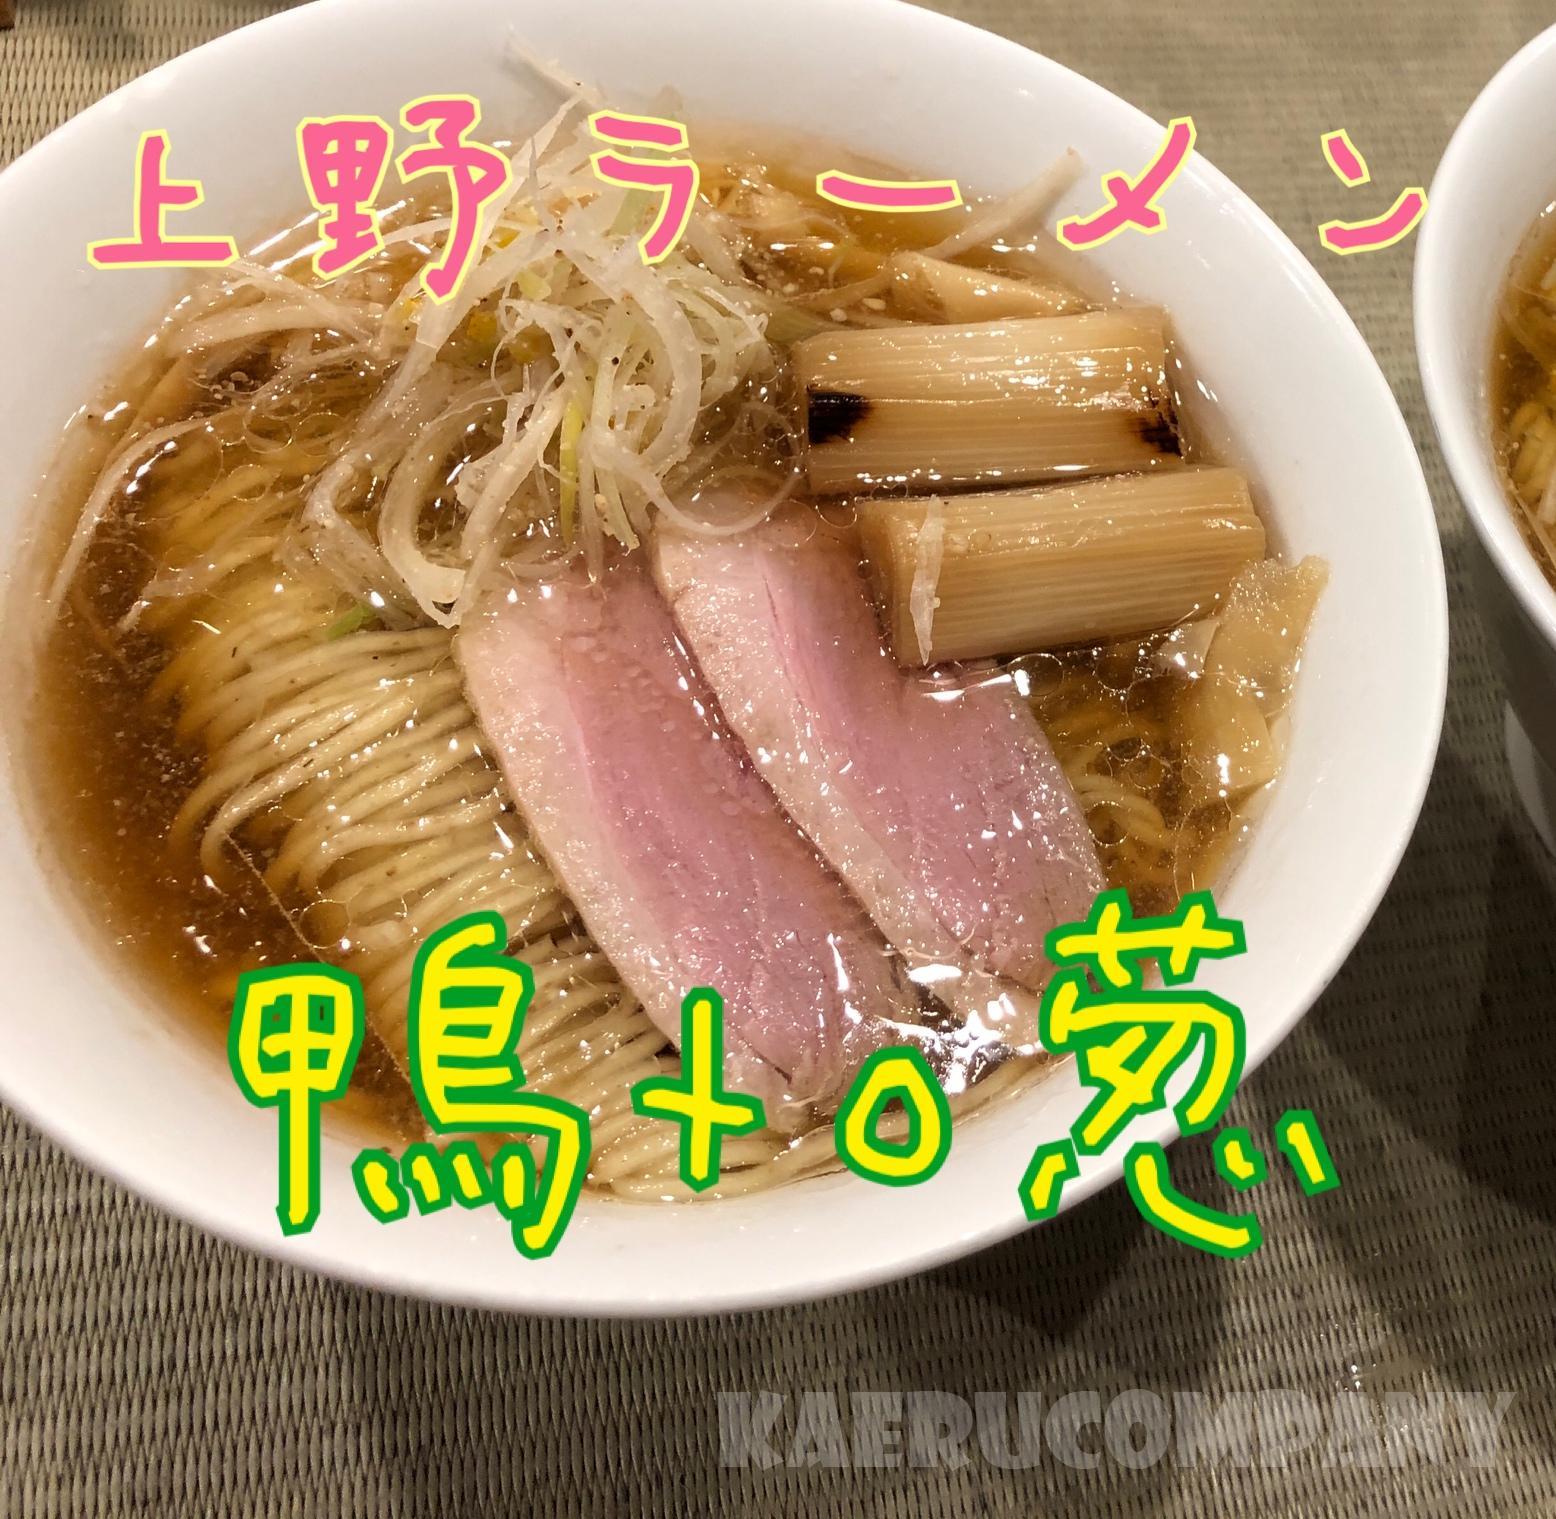 上野でラーメン食べるなら!行列名店【鴨to葱】の鴨らぁ麺